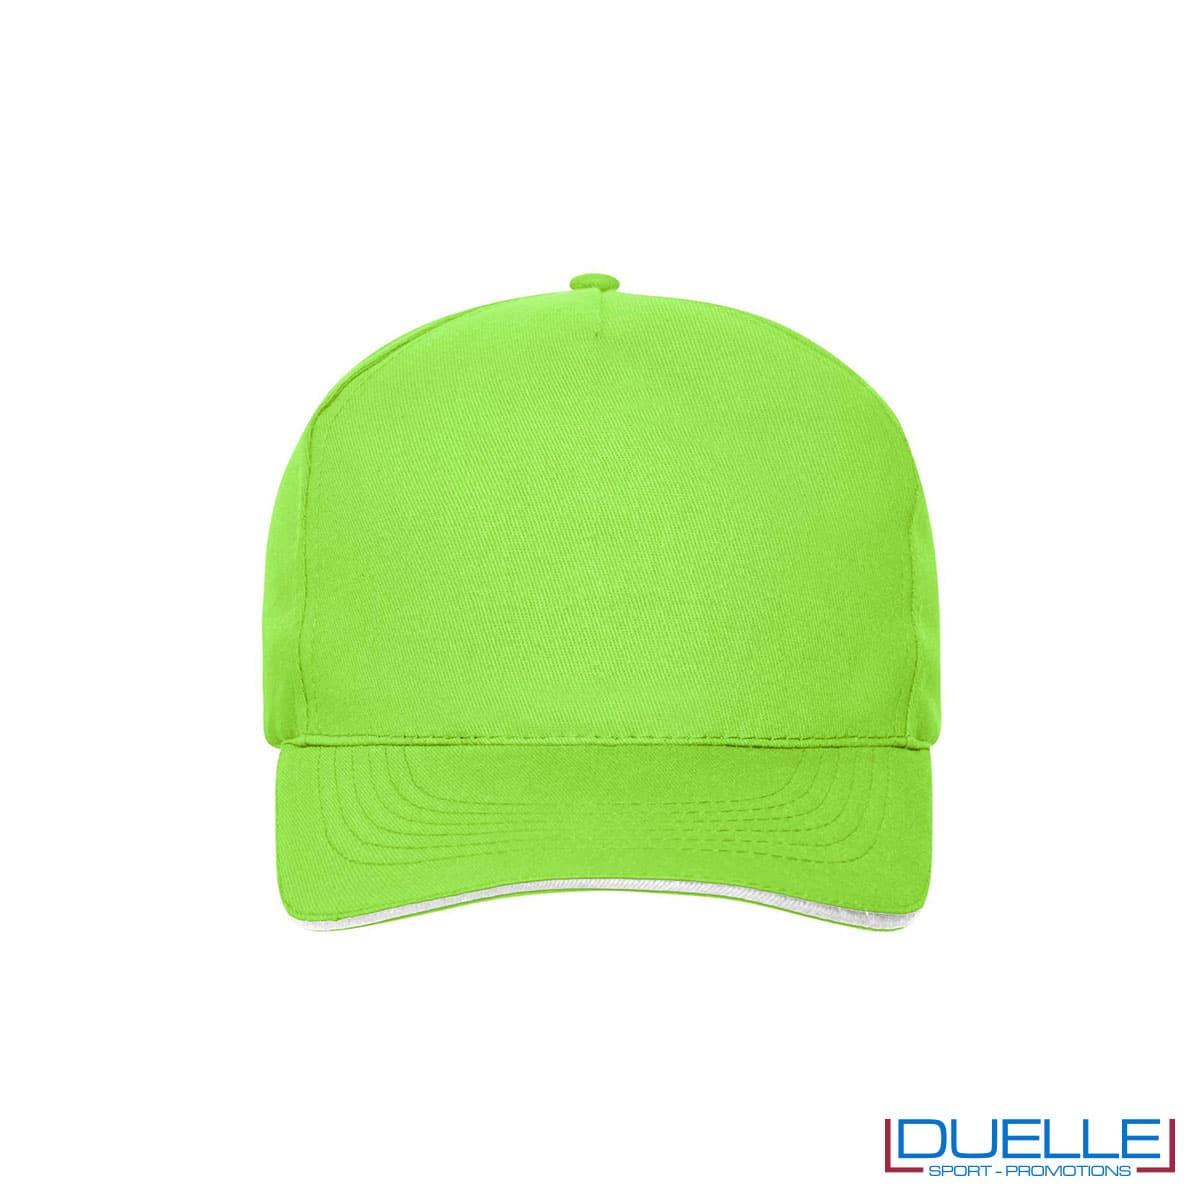 Cappello 100% cotone organico 5 pannelli colore verde lime personalizzato